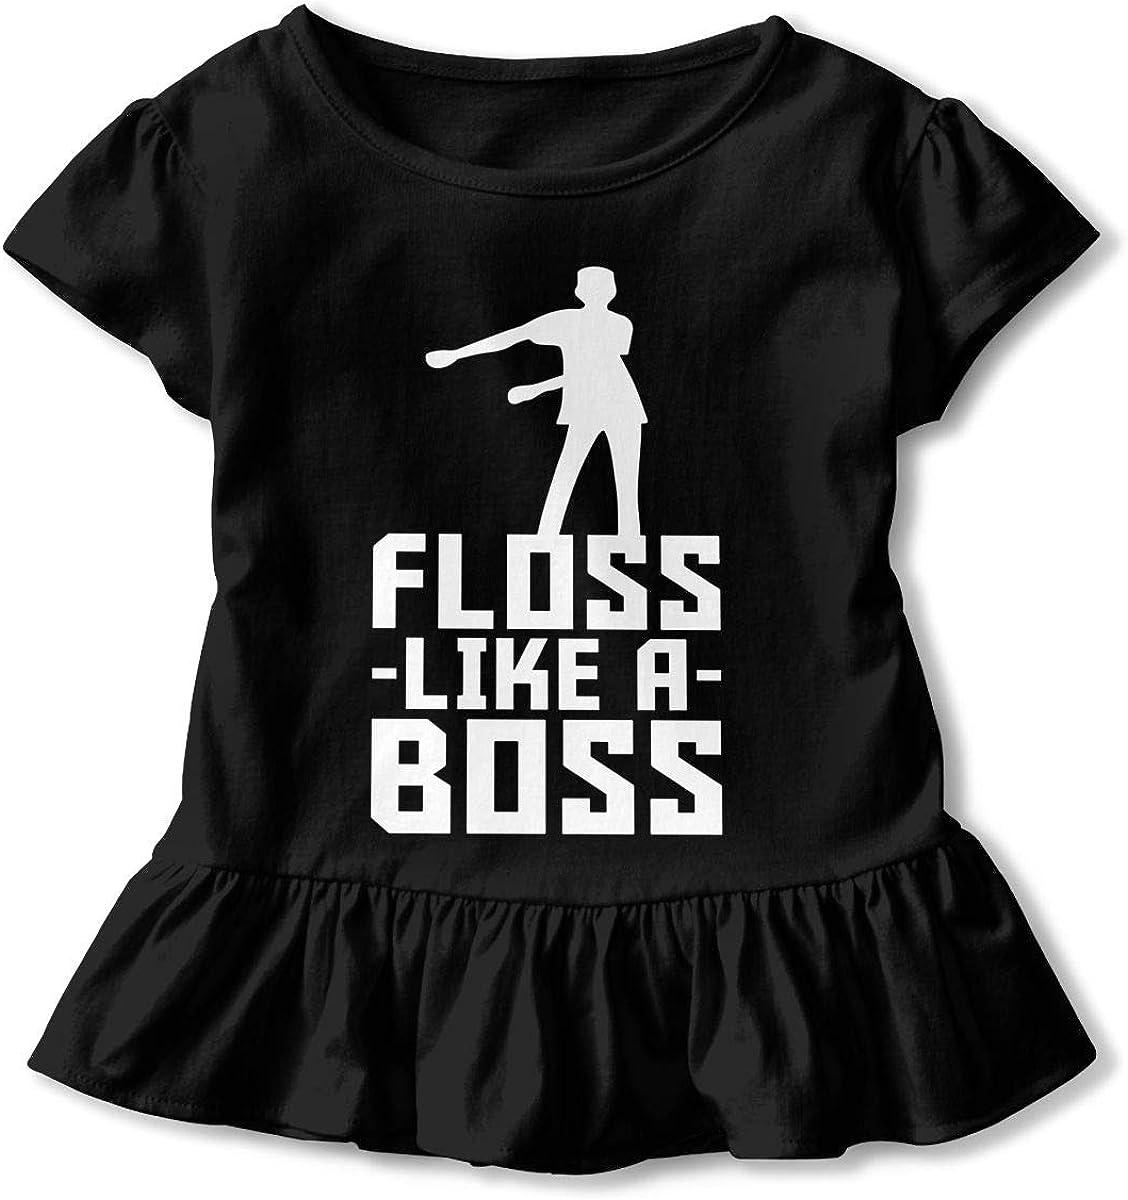 Floss Like A Boss 1 Girls Short Sleeve Cotton Tee Tops